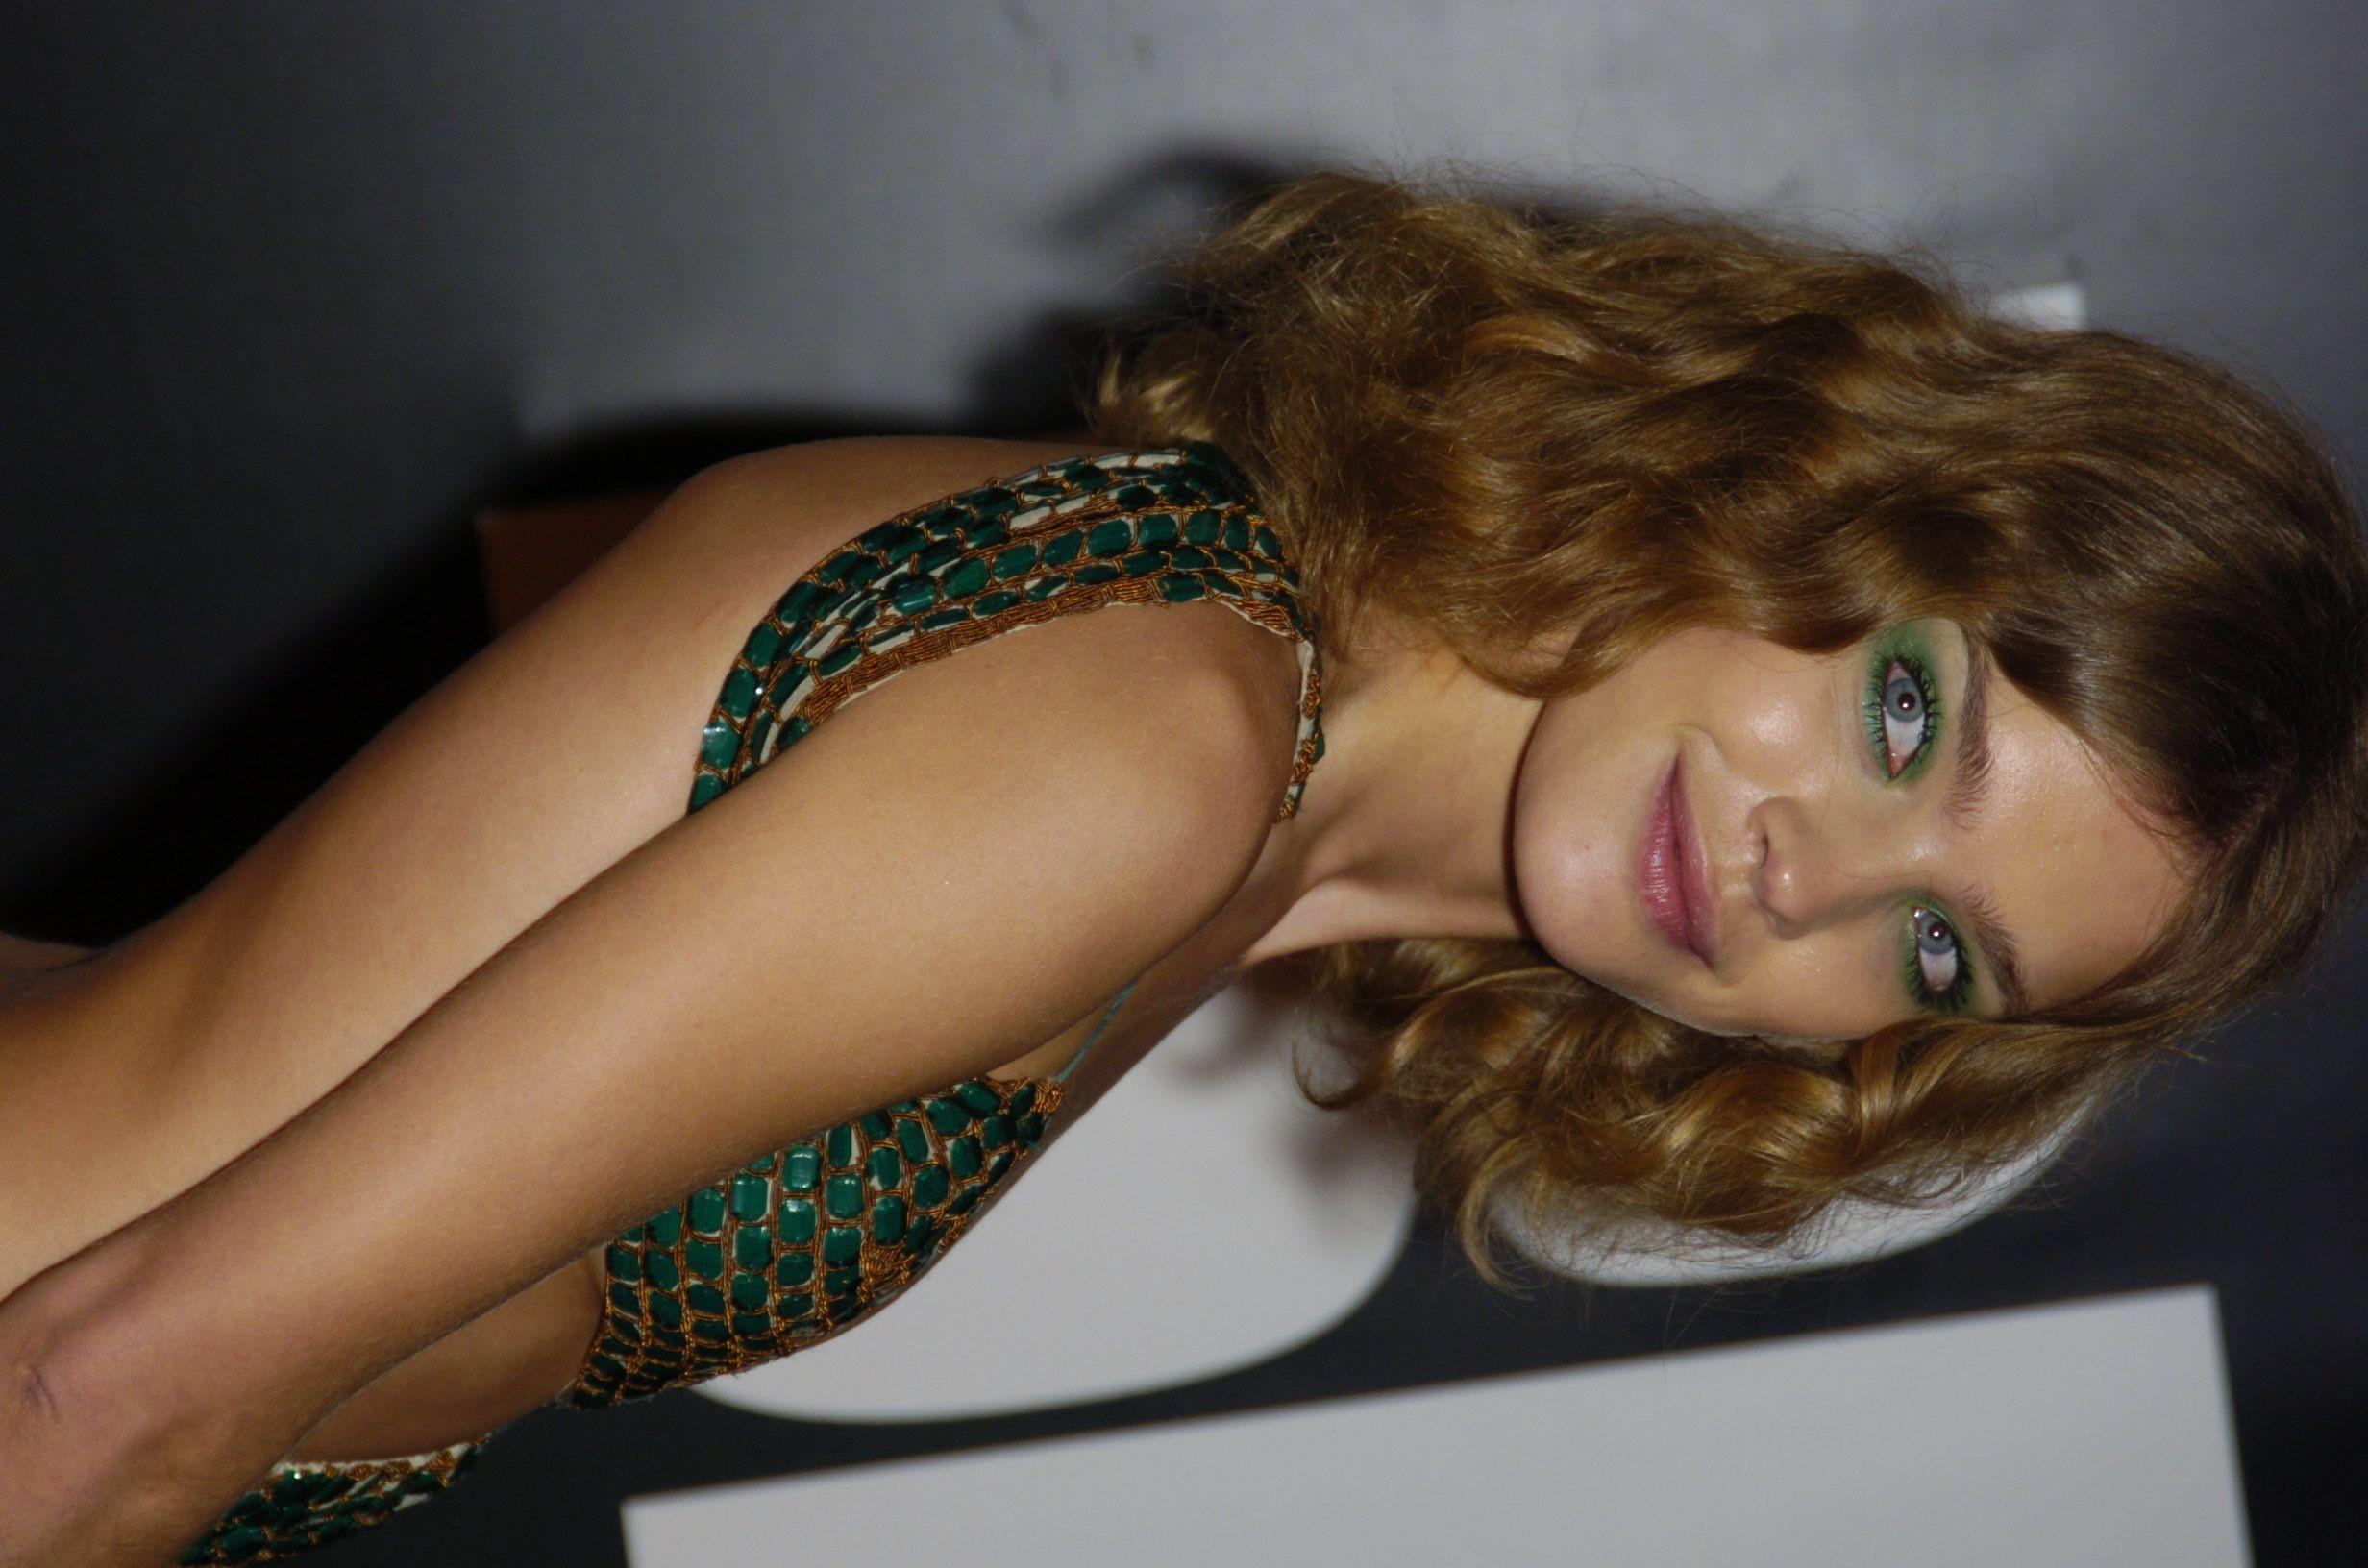 Телефон проституток во владикавказе 12 фотография